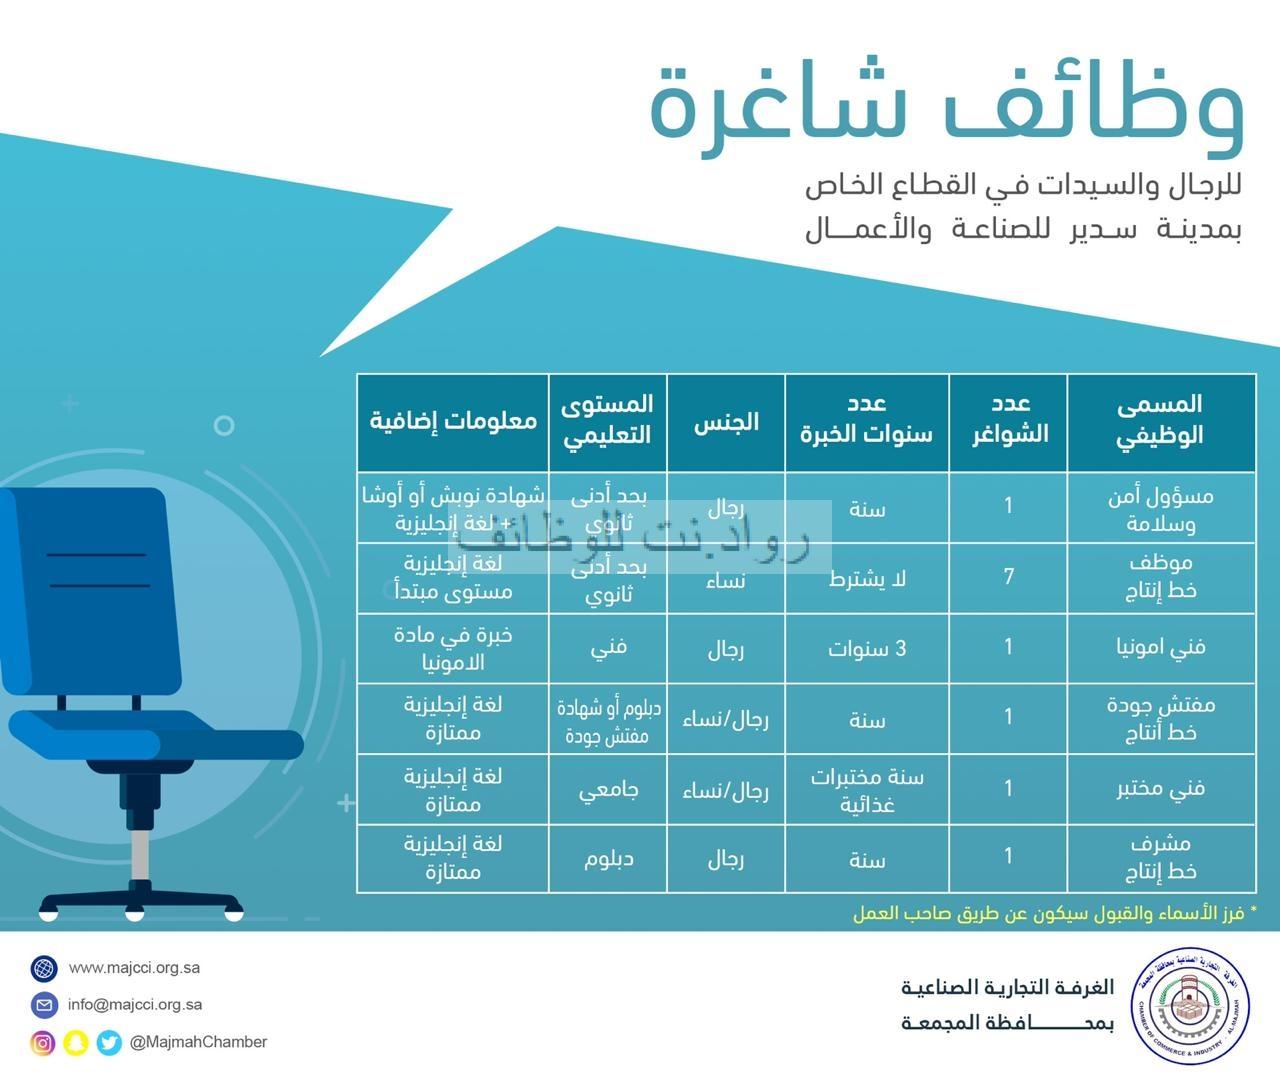 غرفة المجمعة تعلن 12 وظيفة للجنسين بمدينة سدير للصناعة والأعمال